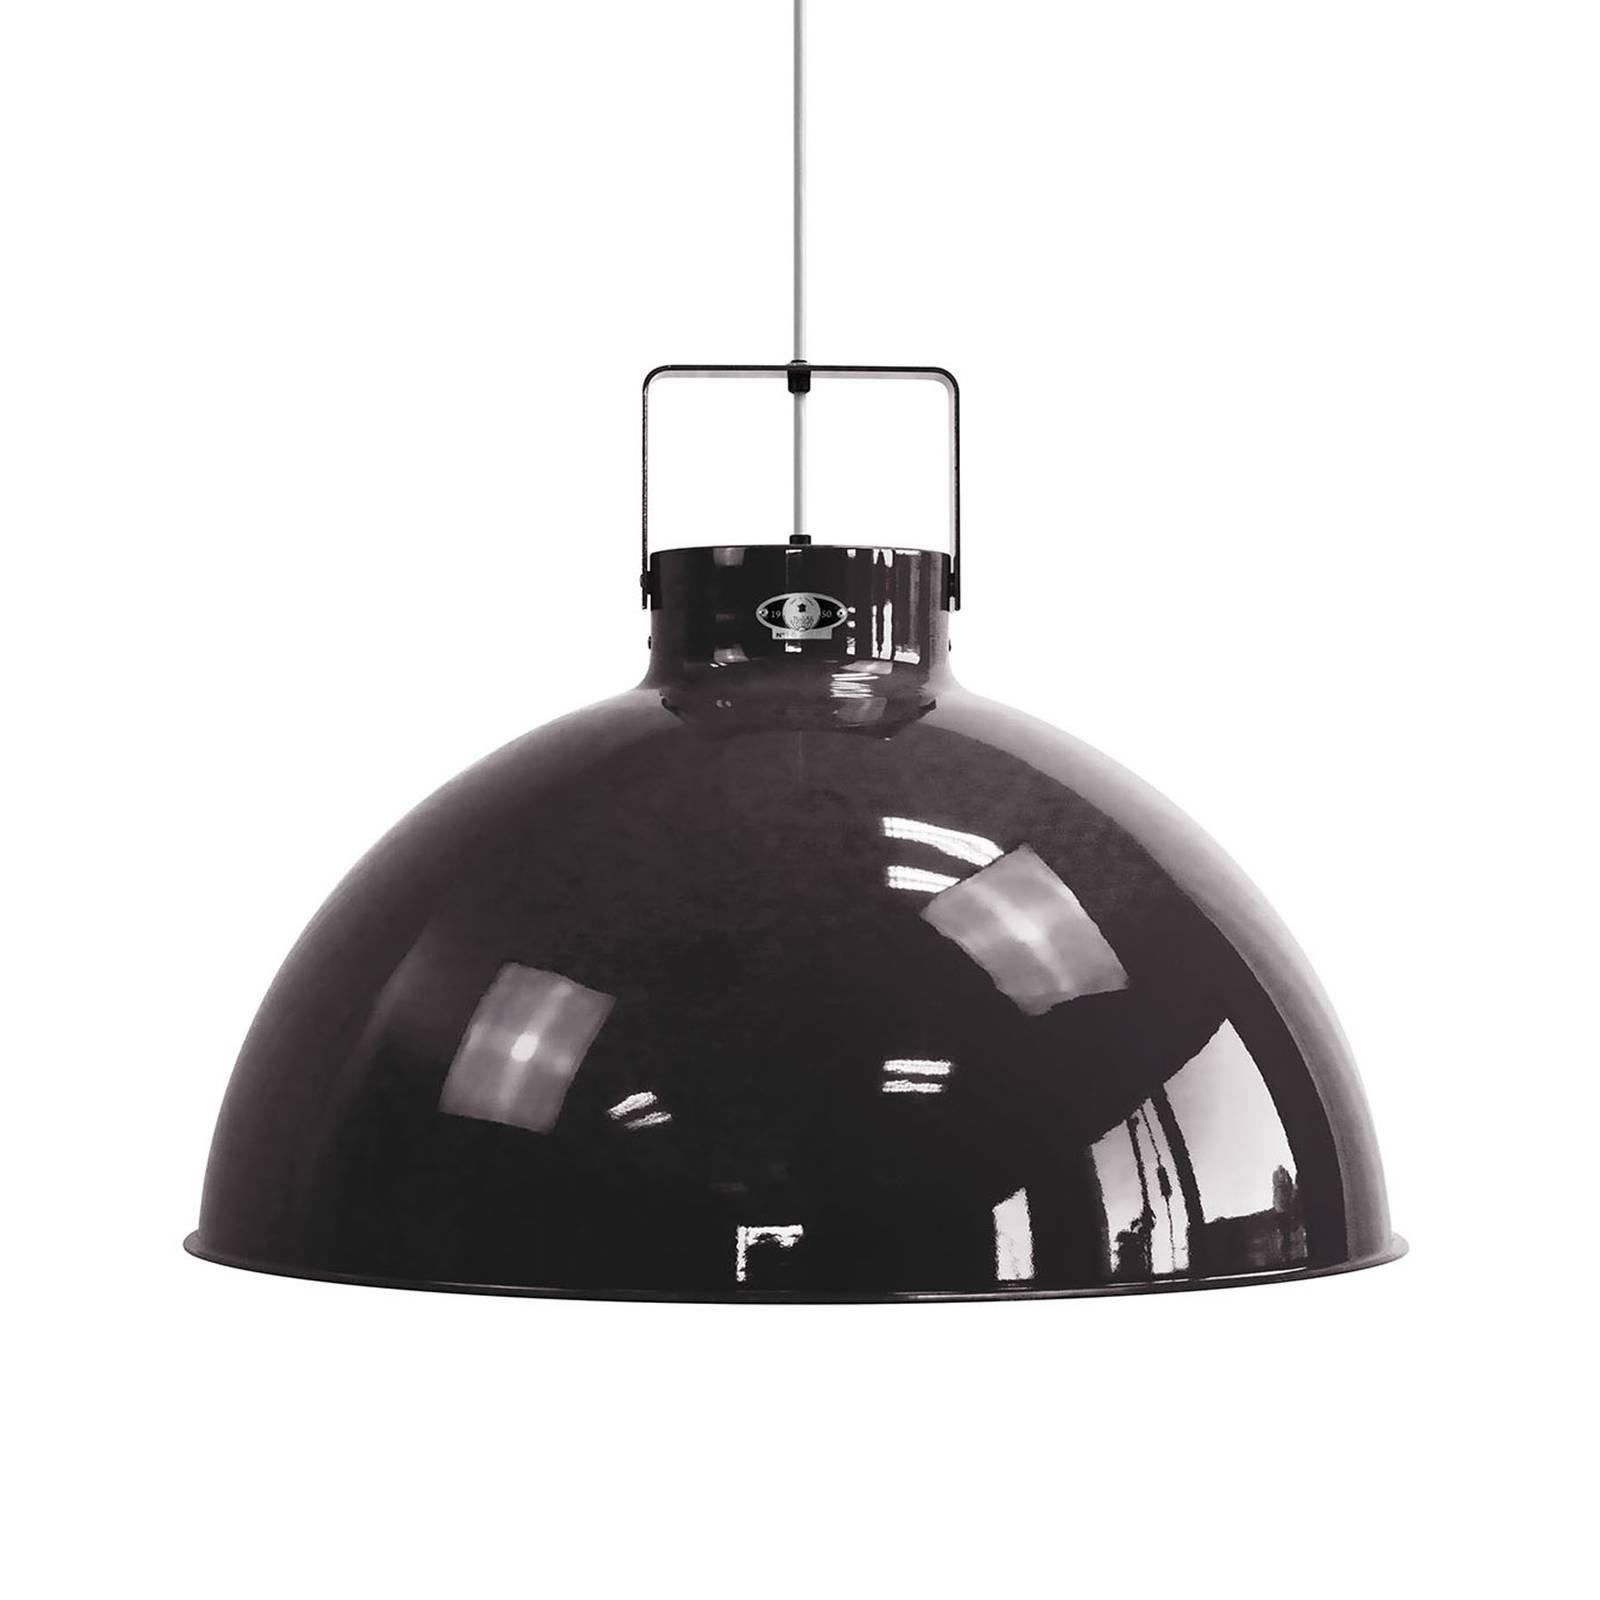 Jieldé Dante D675 hengelampe, svart, Ø 67,5 cm